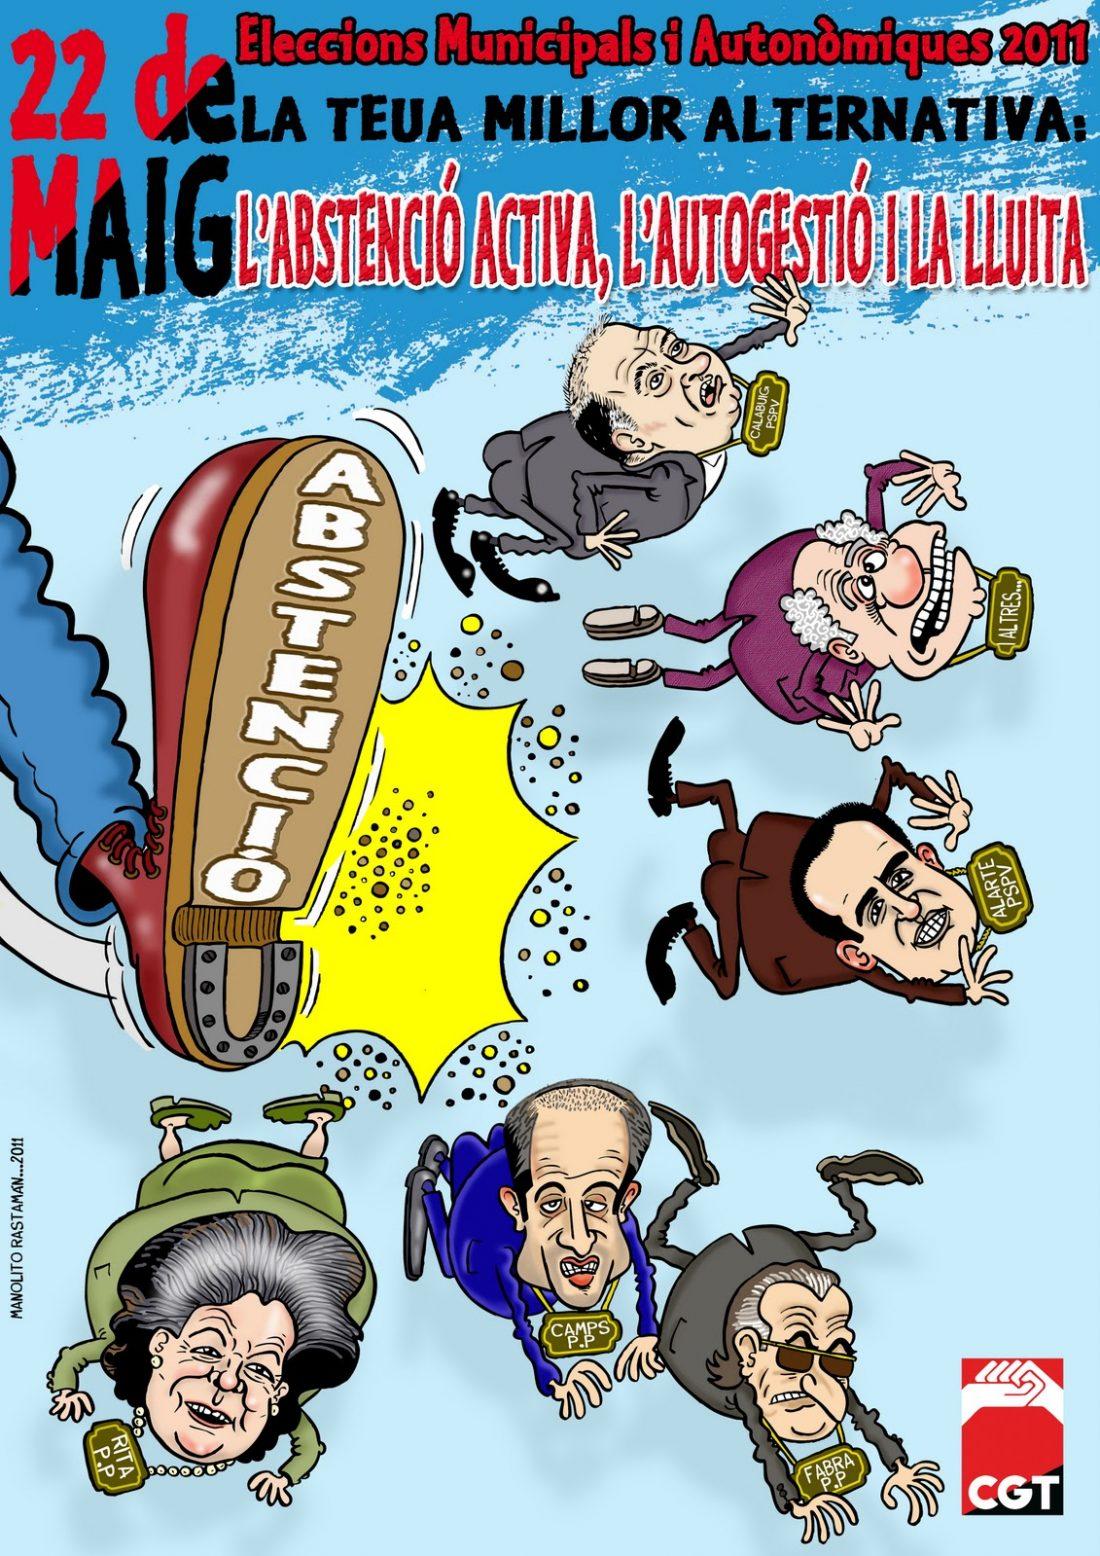 CGT País Valencià y Murcia inicia una campaña contra la corrupción política y por la Abstención Activa